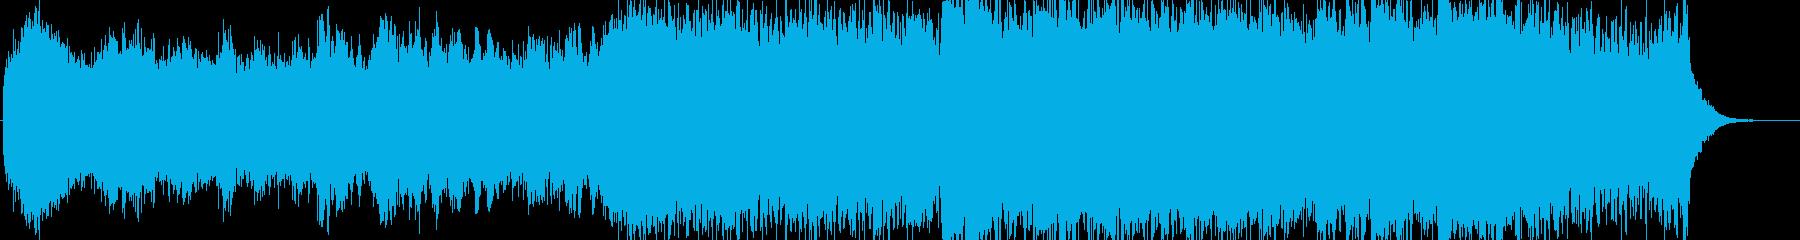 エピック、クラシックの再生済みの波形